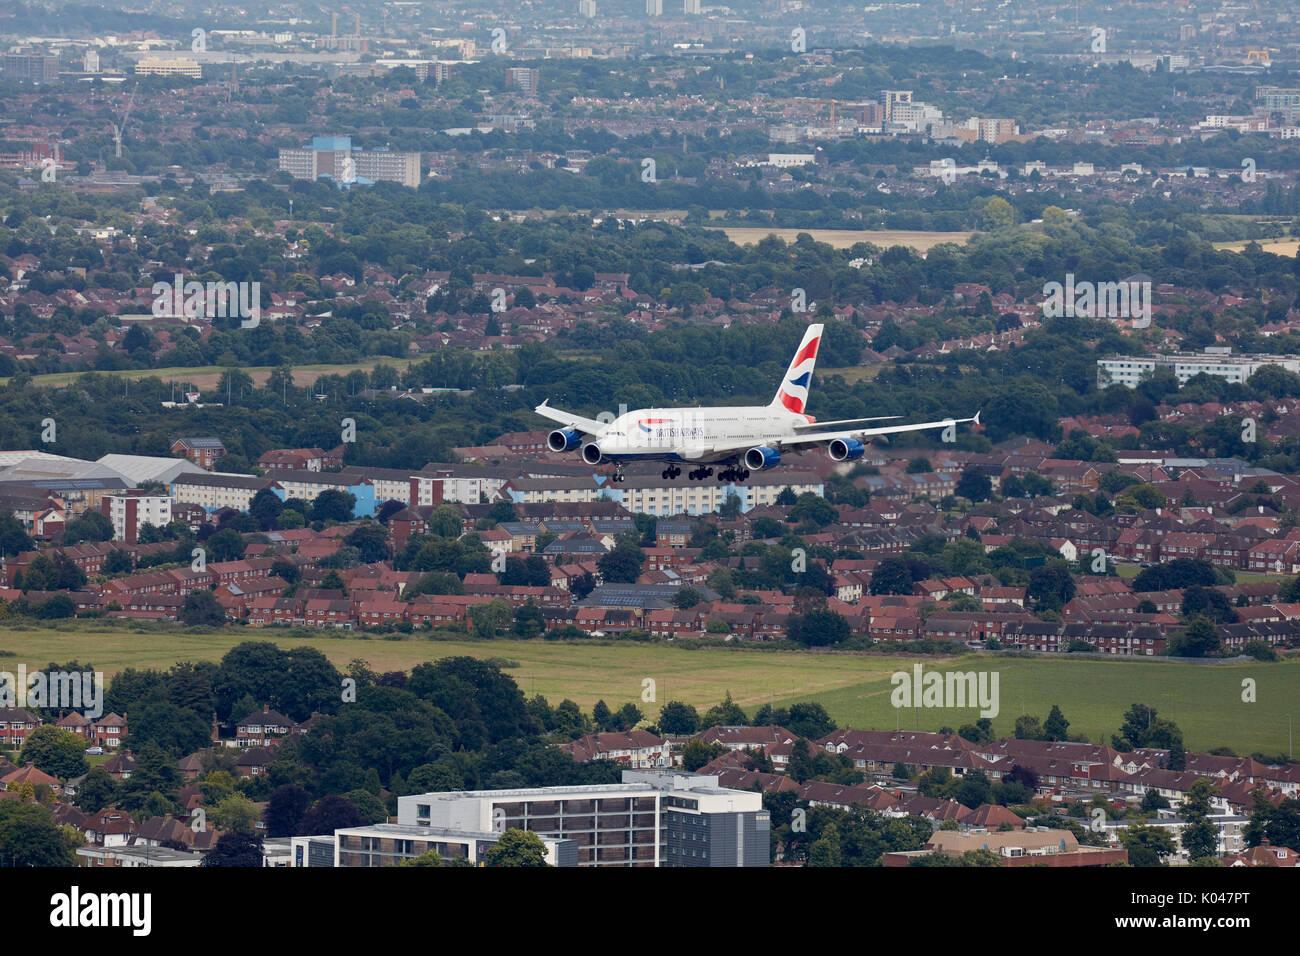 Un British Airways Airbus A380 sulla rotta di avvicinamento all'Aeroporto di Londra Heathrow Immagini Stock